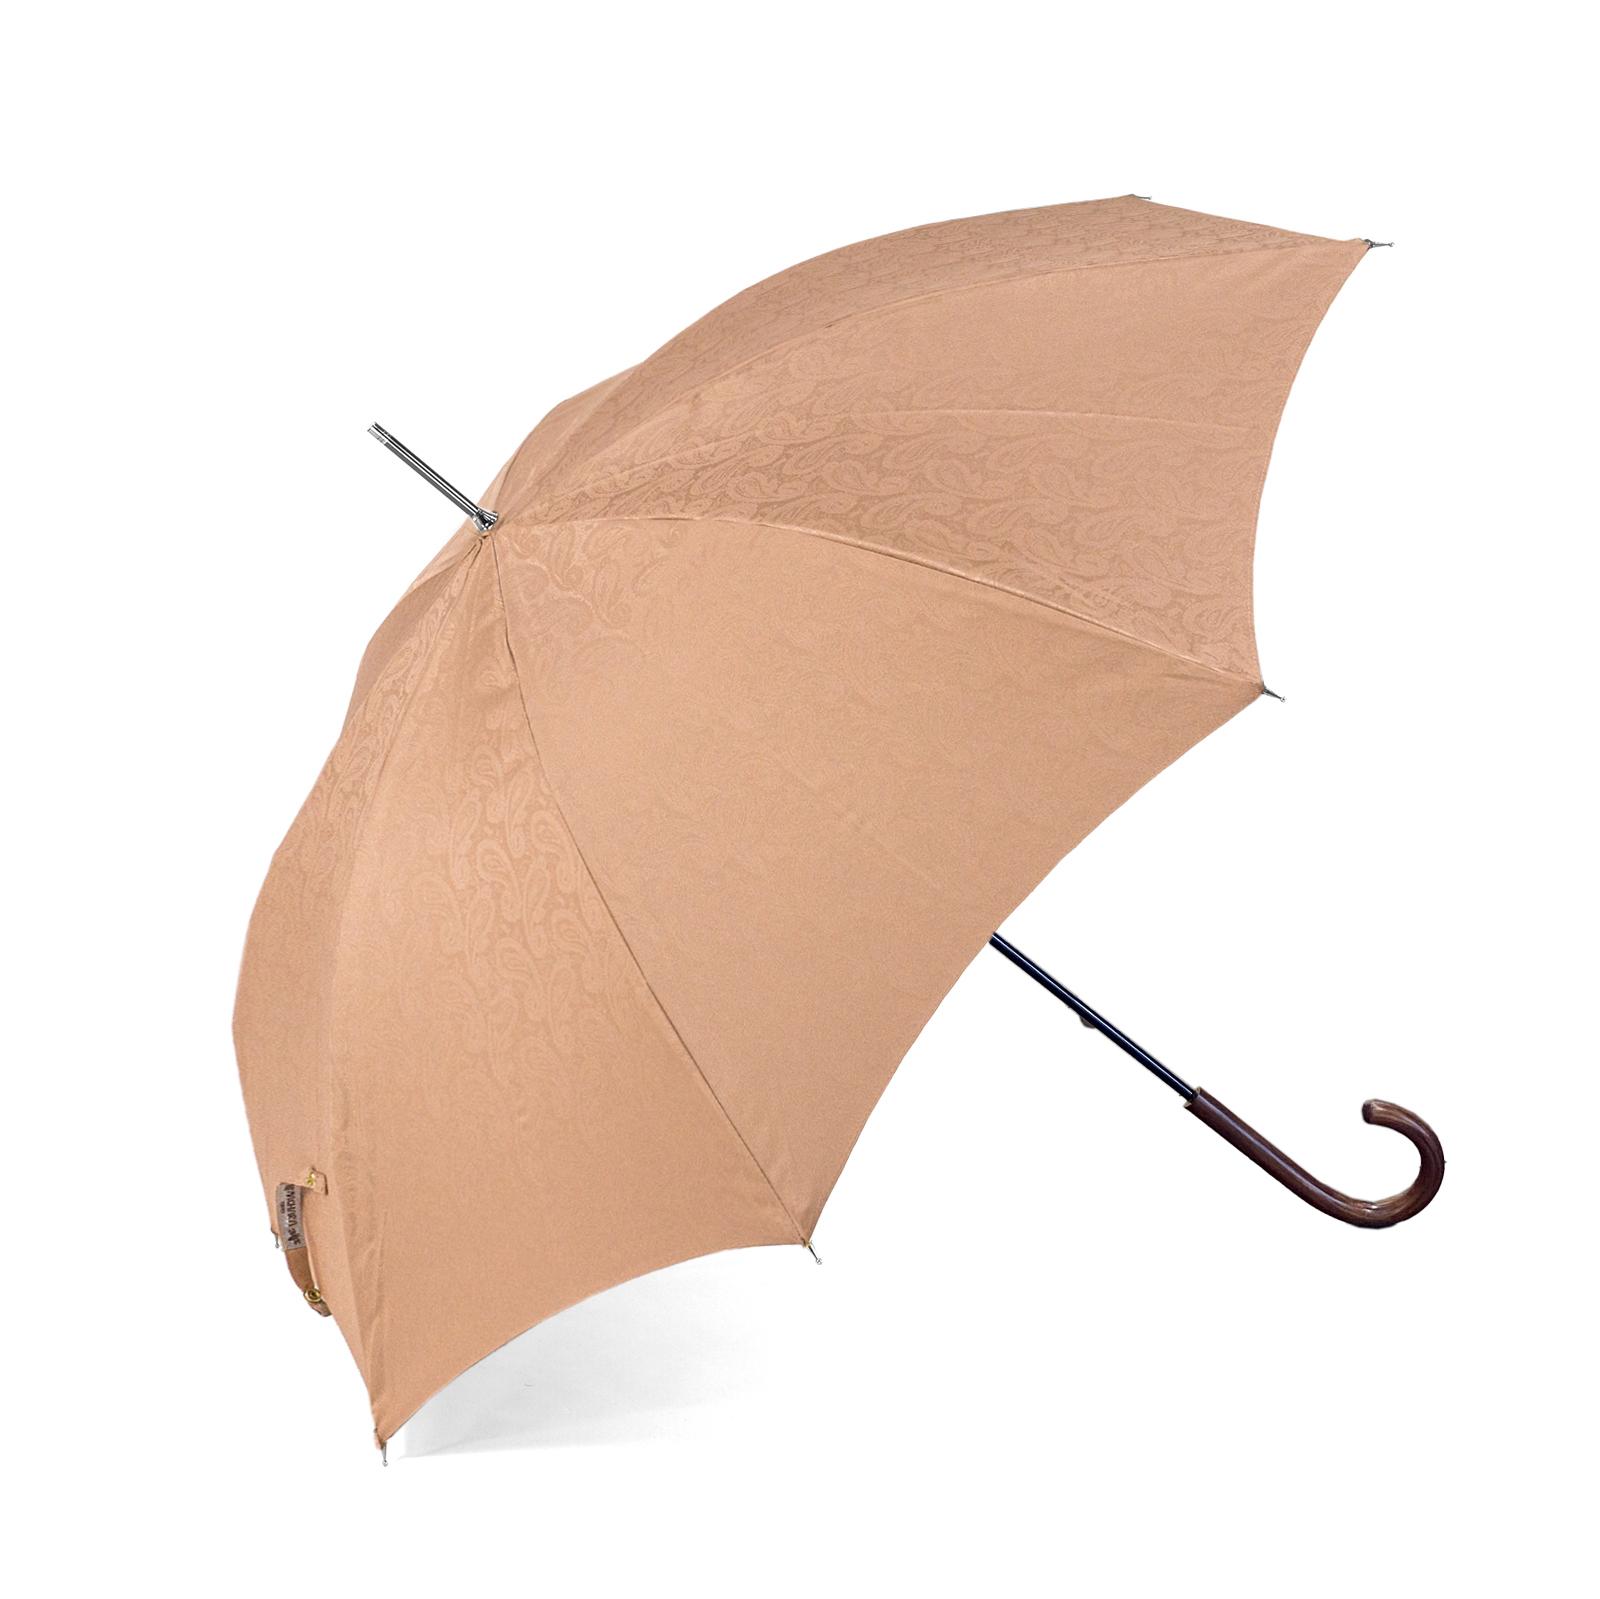 【紳士】晴雨兼用-一級遮光ペイズリー-長-ライトブラウン